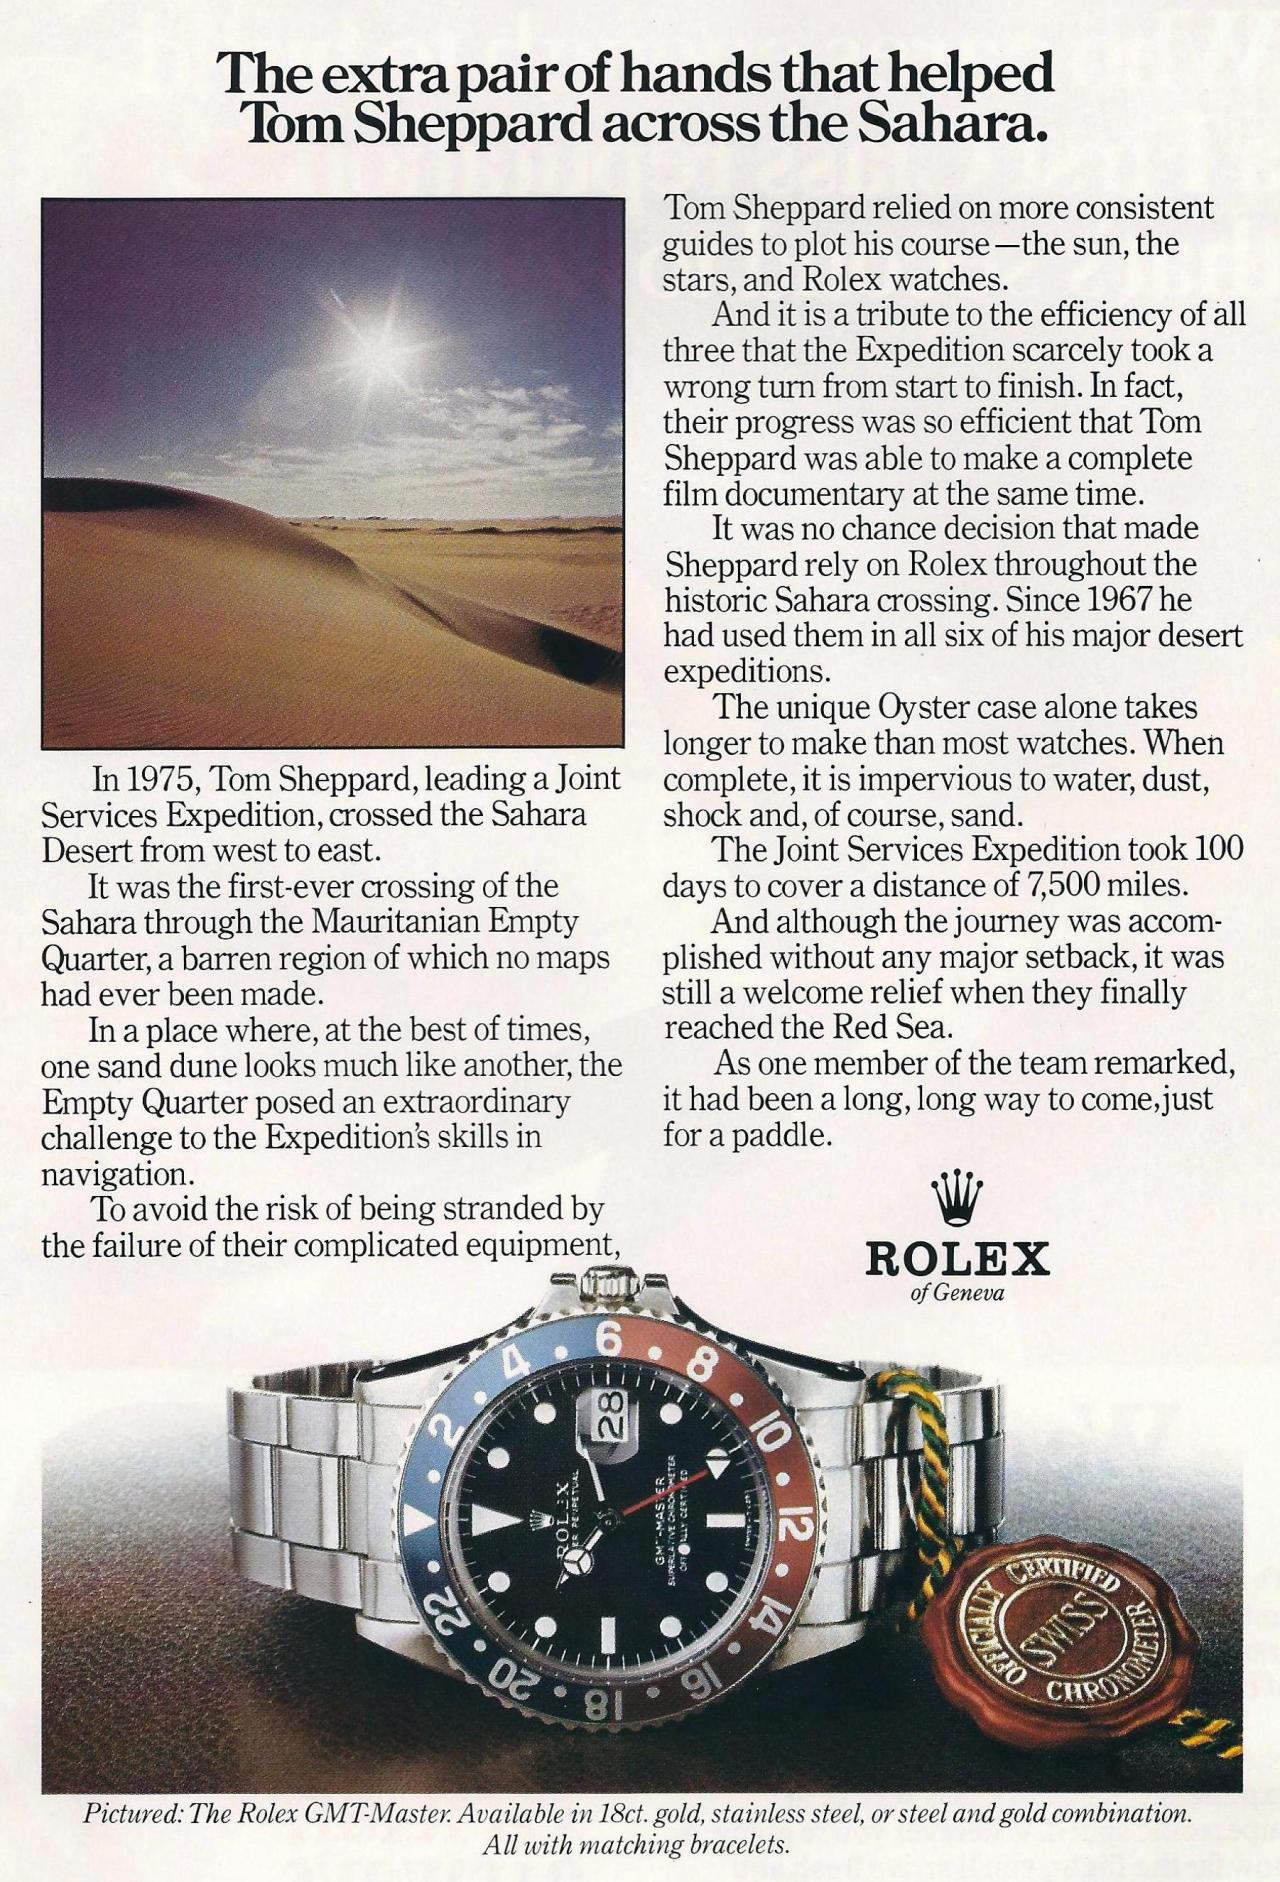 1978-ban már a Pepsi volt a sztár még a sivatagban is. Forrás: Rolexprintads